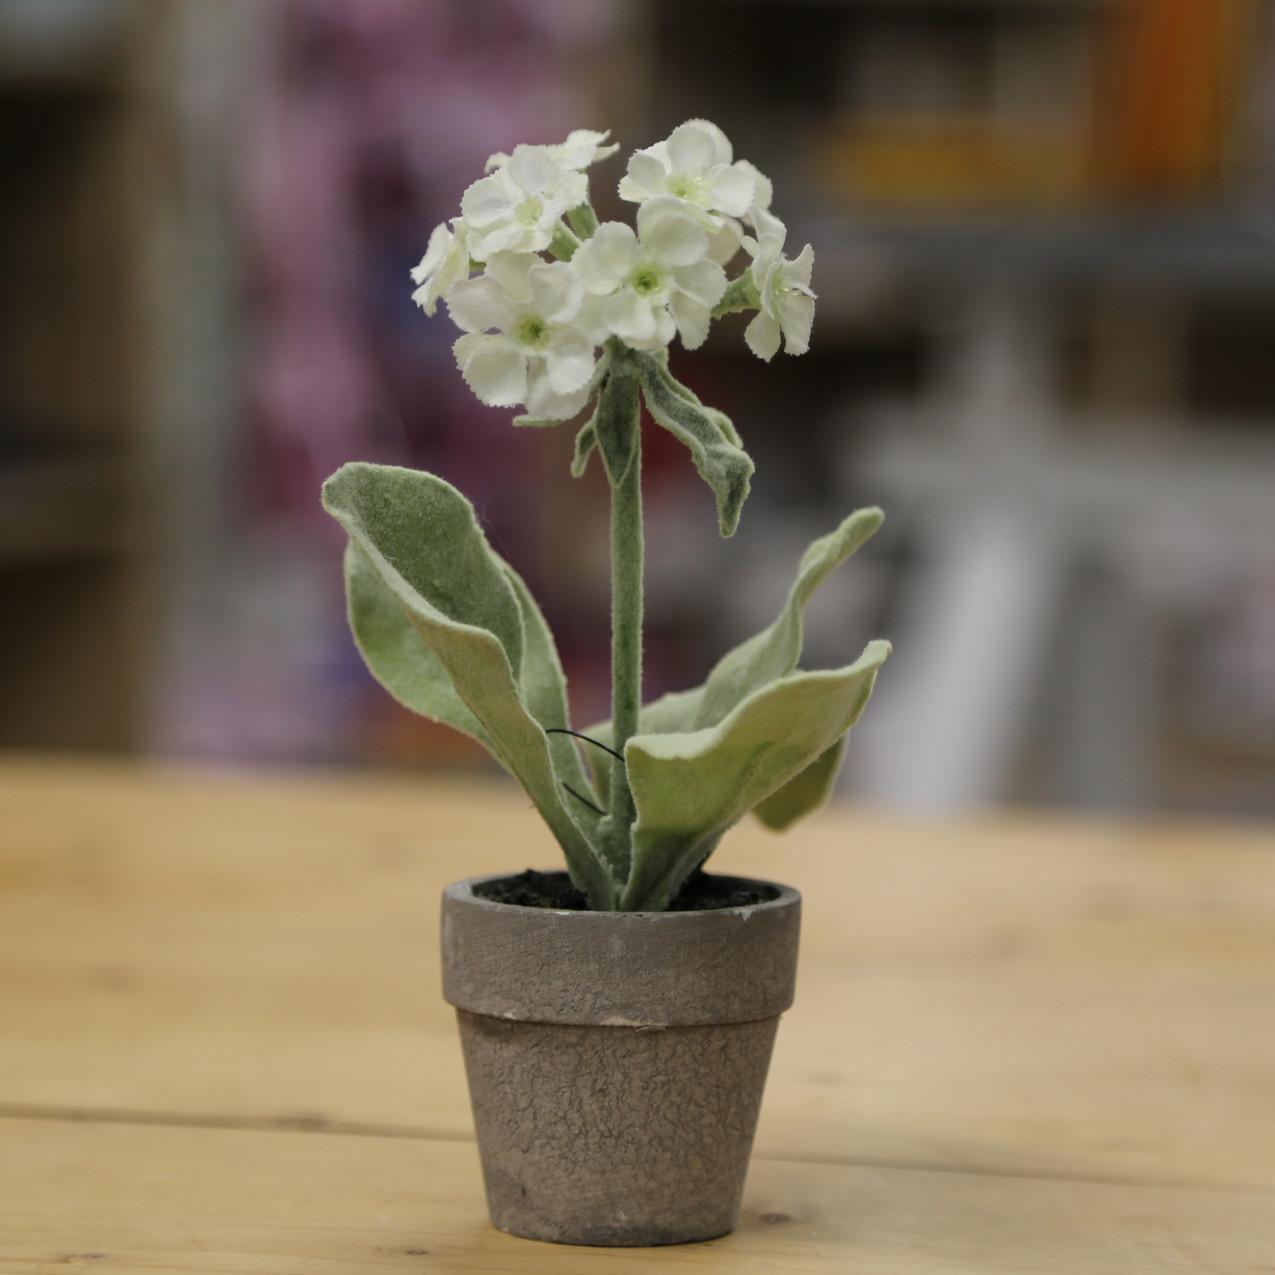 White artificial primrose